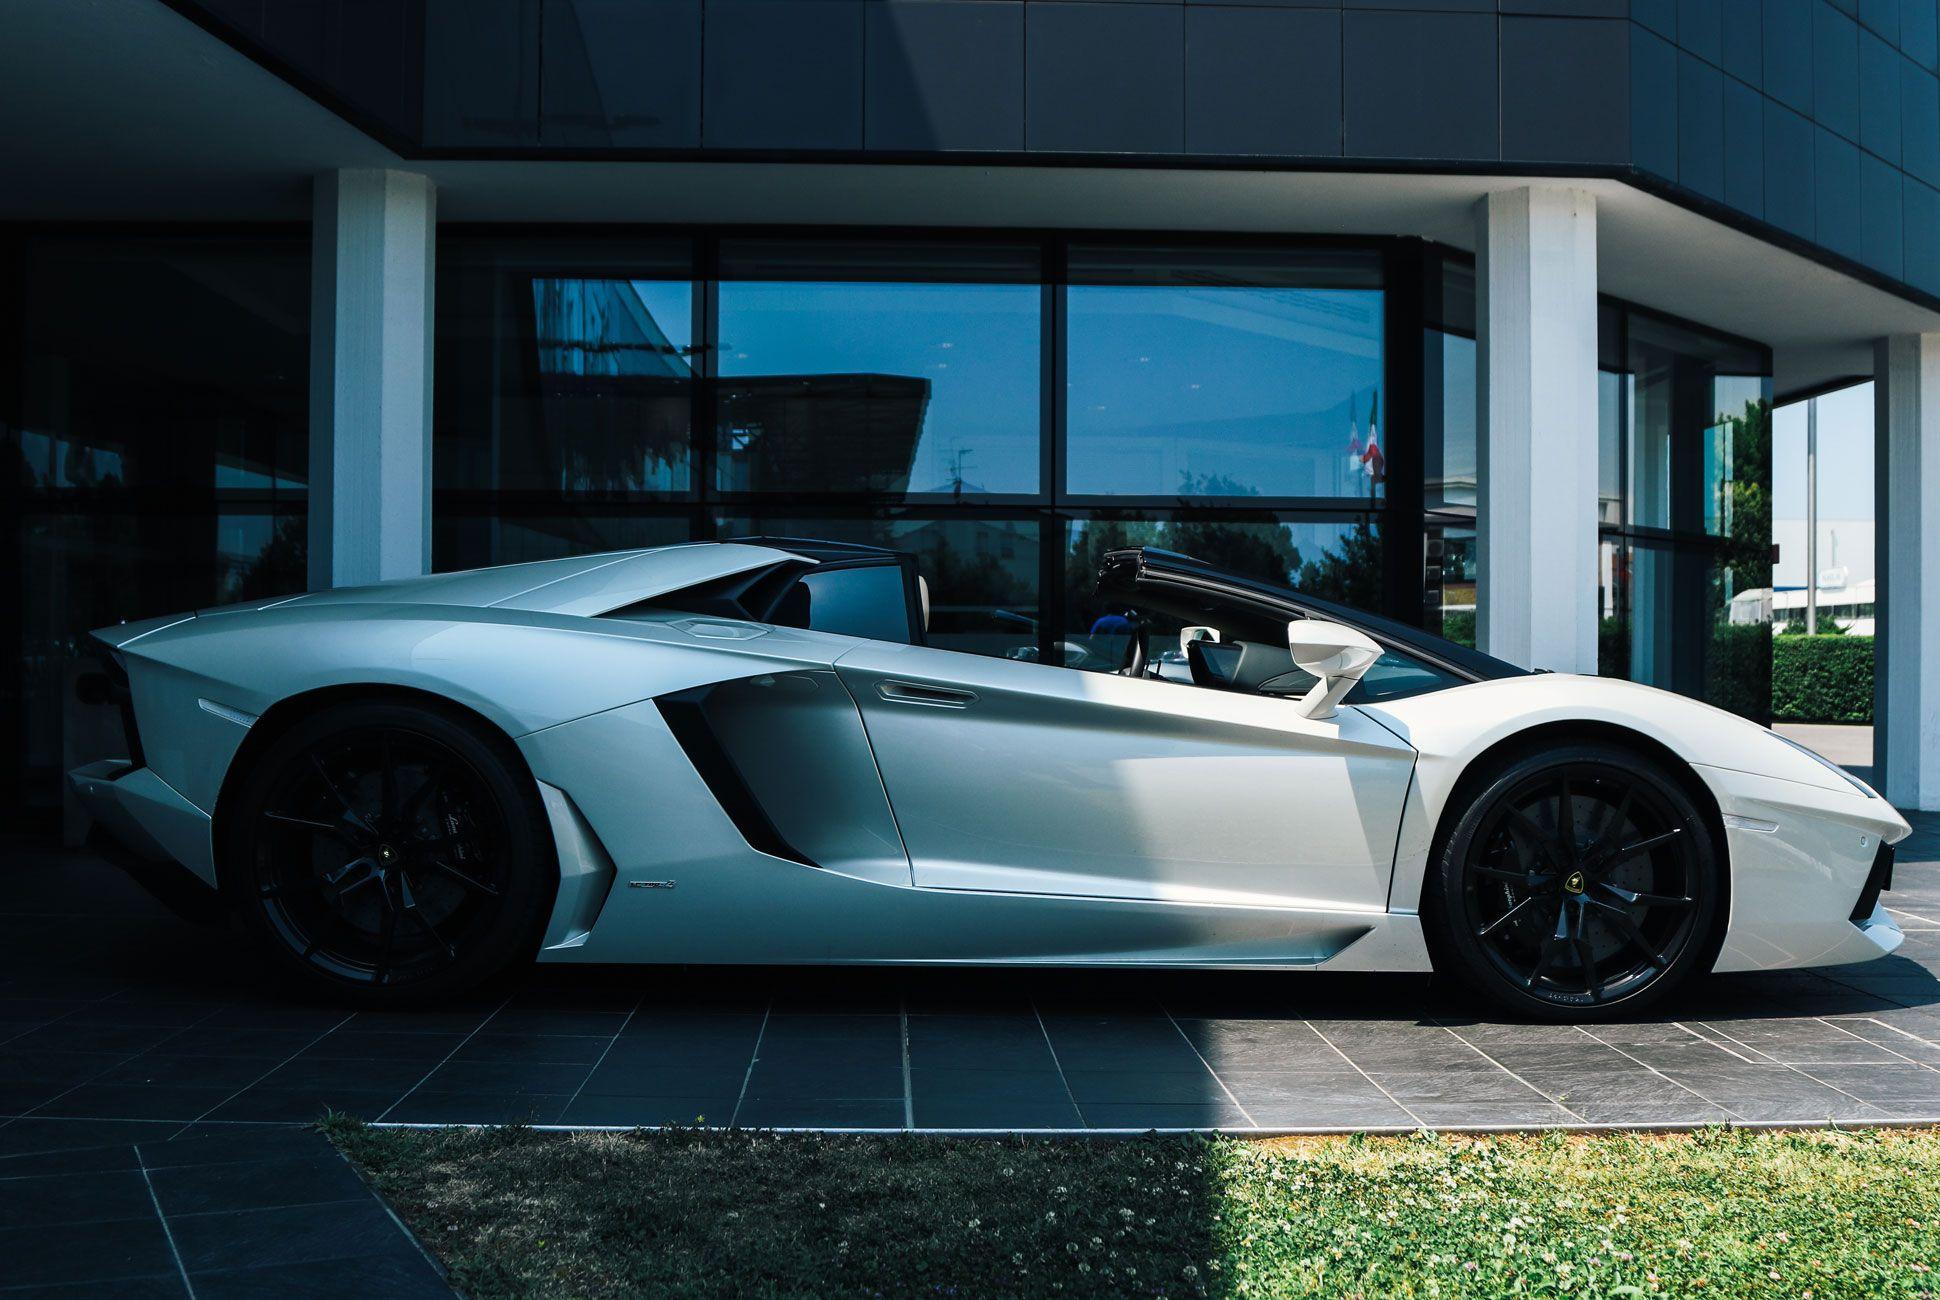 Lamborghini-Aventador-Roadster-Gear-Patrol-Slide-3